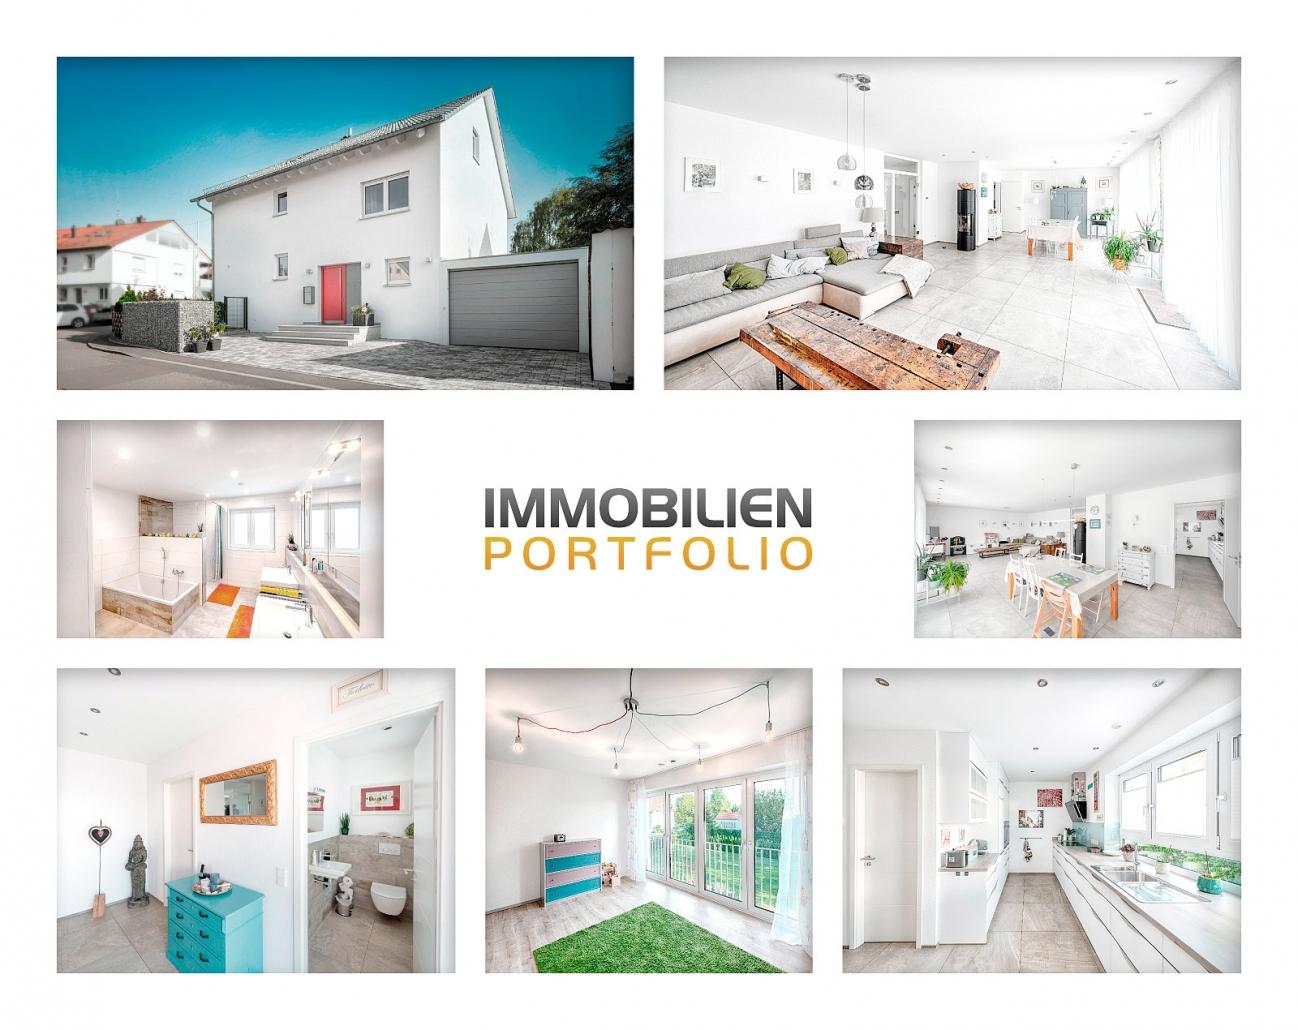 SIGADesign Fotografie Architektur Immobilien